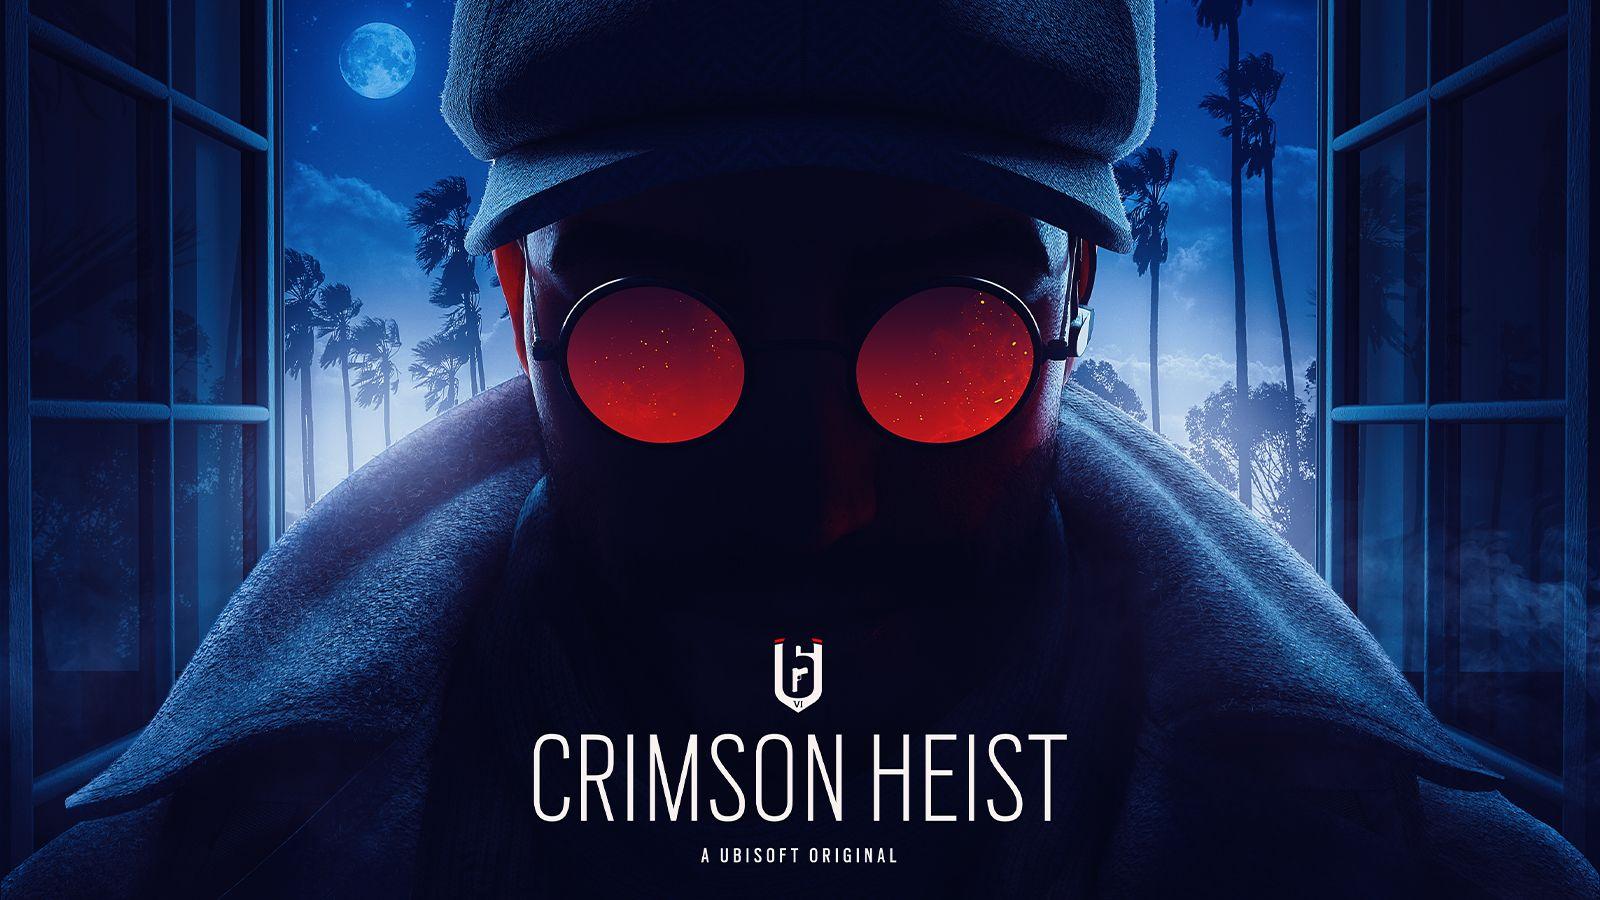 """Rainbow Six Siege เปิดเผยเนื้อหาแรกของปี 6 """"Crimson Heist"""" พร้อมเปิดตัว Operator คนใหม่นามว่า Flores"""